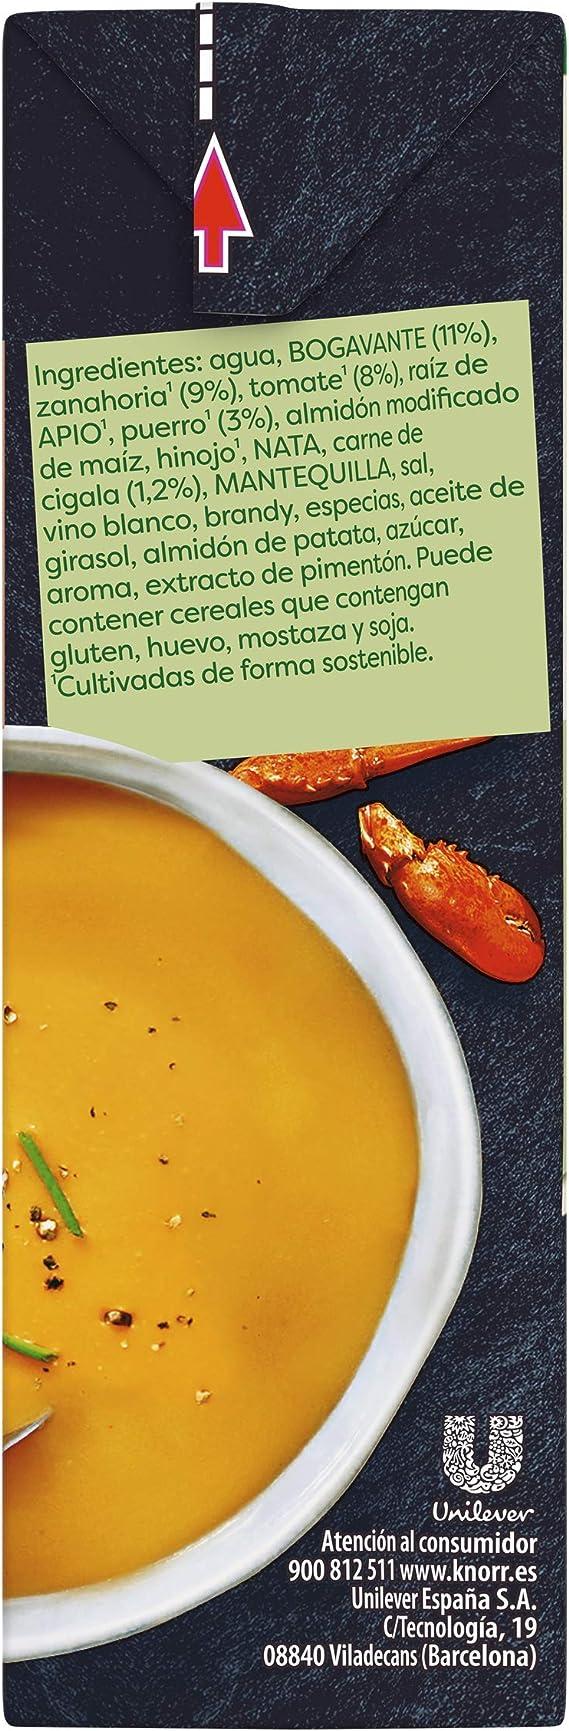 Knorr Gourmet, Crema de bogavante y cigalas - 500 ml.: Amazon.es: Alimentación y bebidas